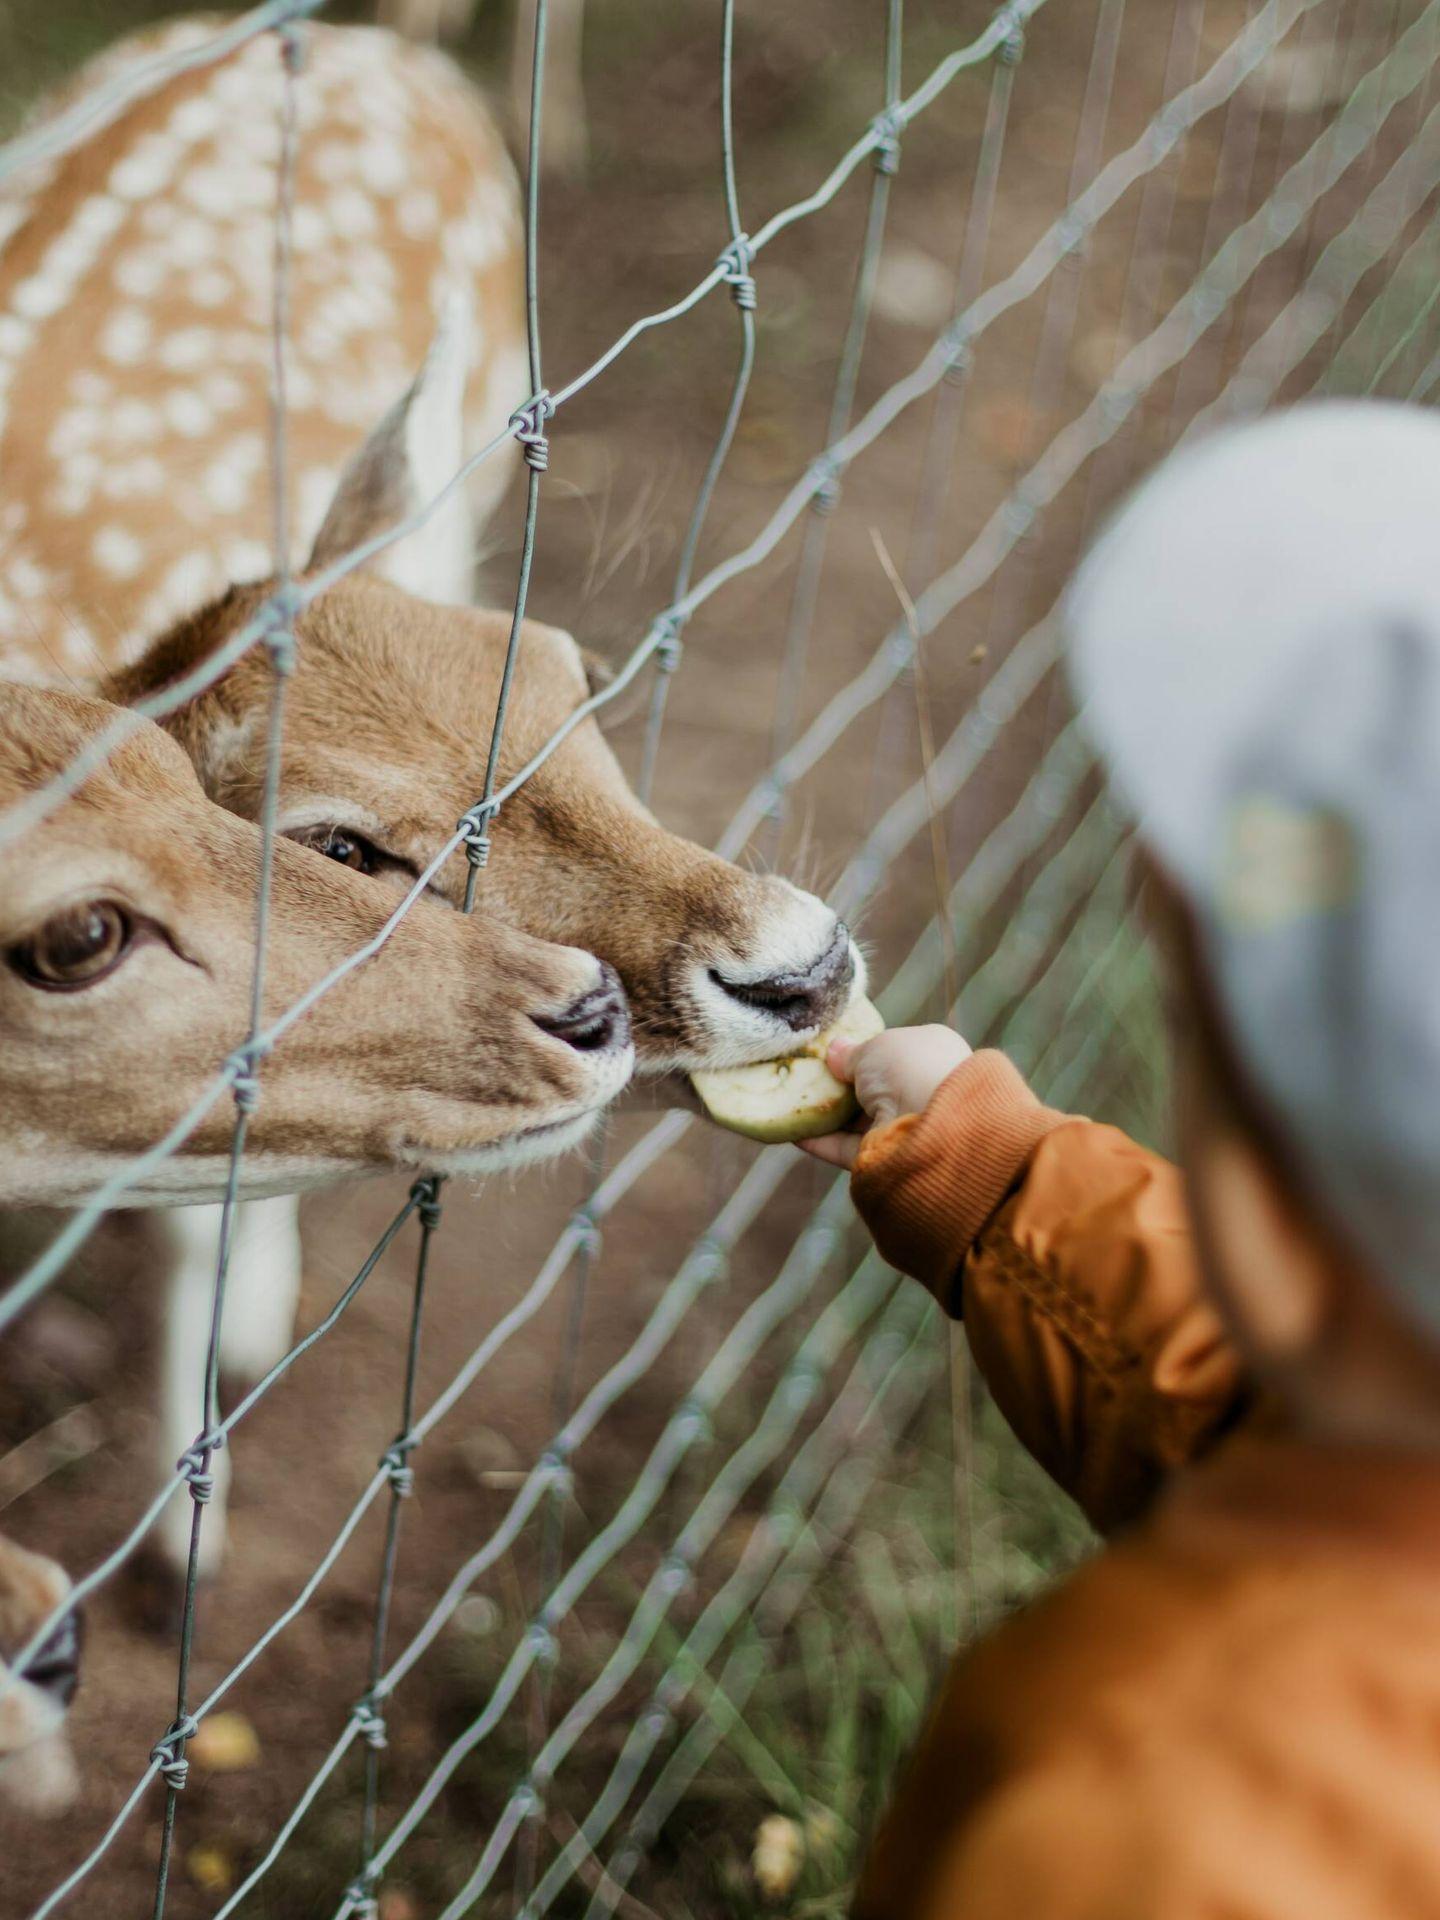 Cualquier encuentro con un animal es un motivo de sorpresa y alegría a esta edad. (Unsplash)